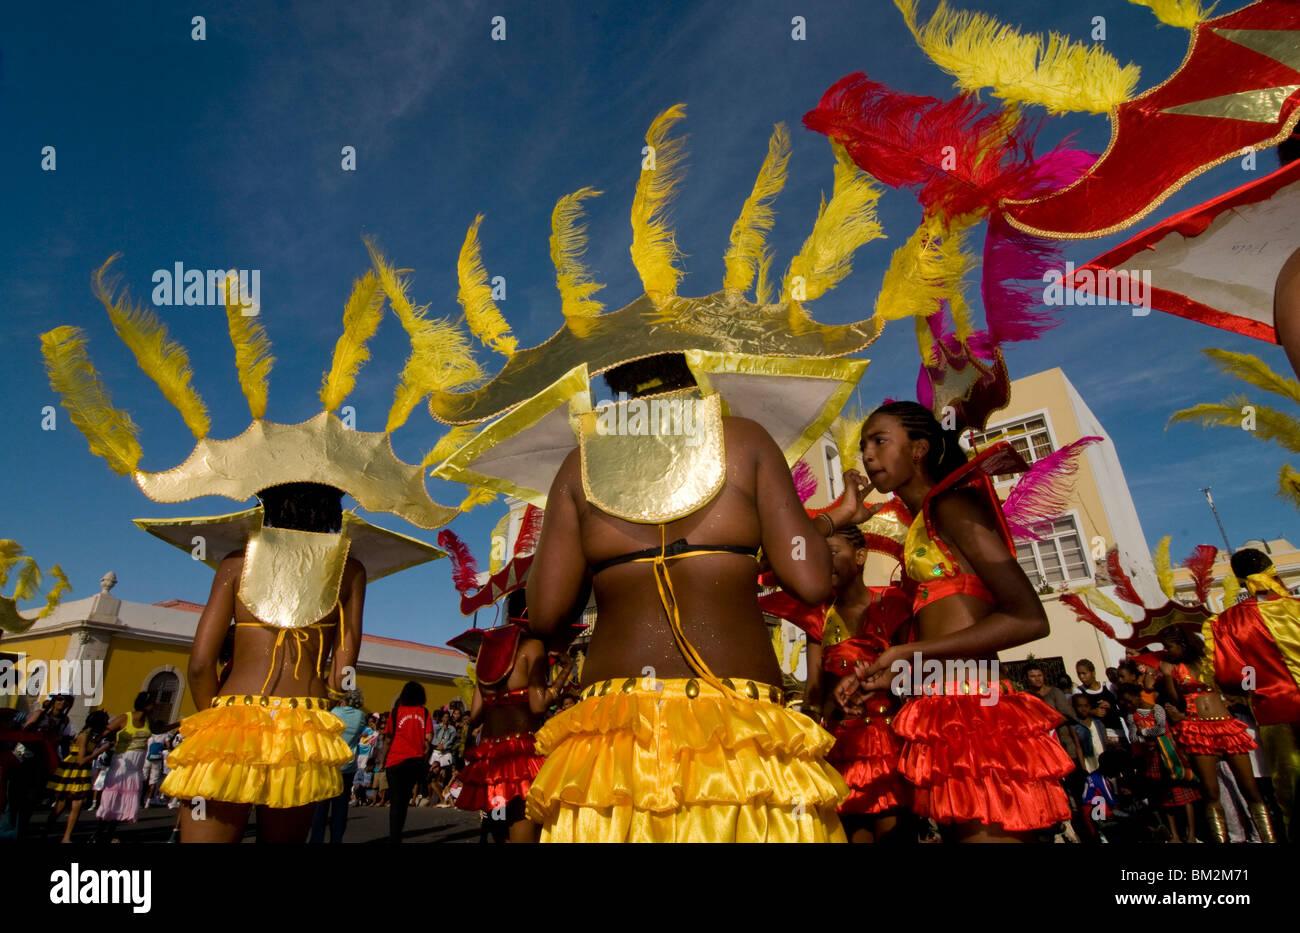 Le donne in un colorato costume di carnevale a ballare, Mindelo, Sao Vicente - Capo Verde Immagini Stock